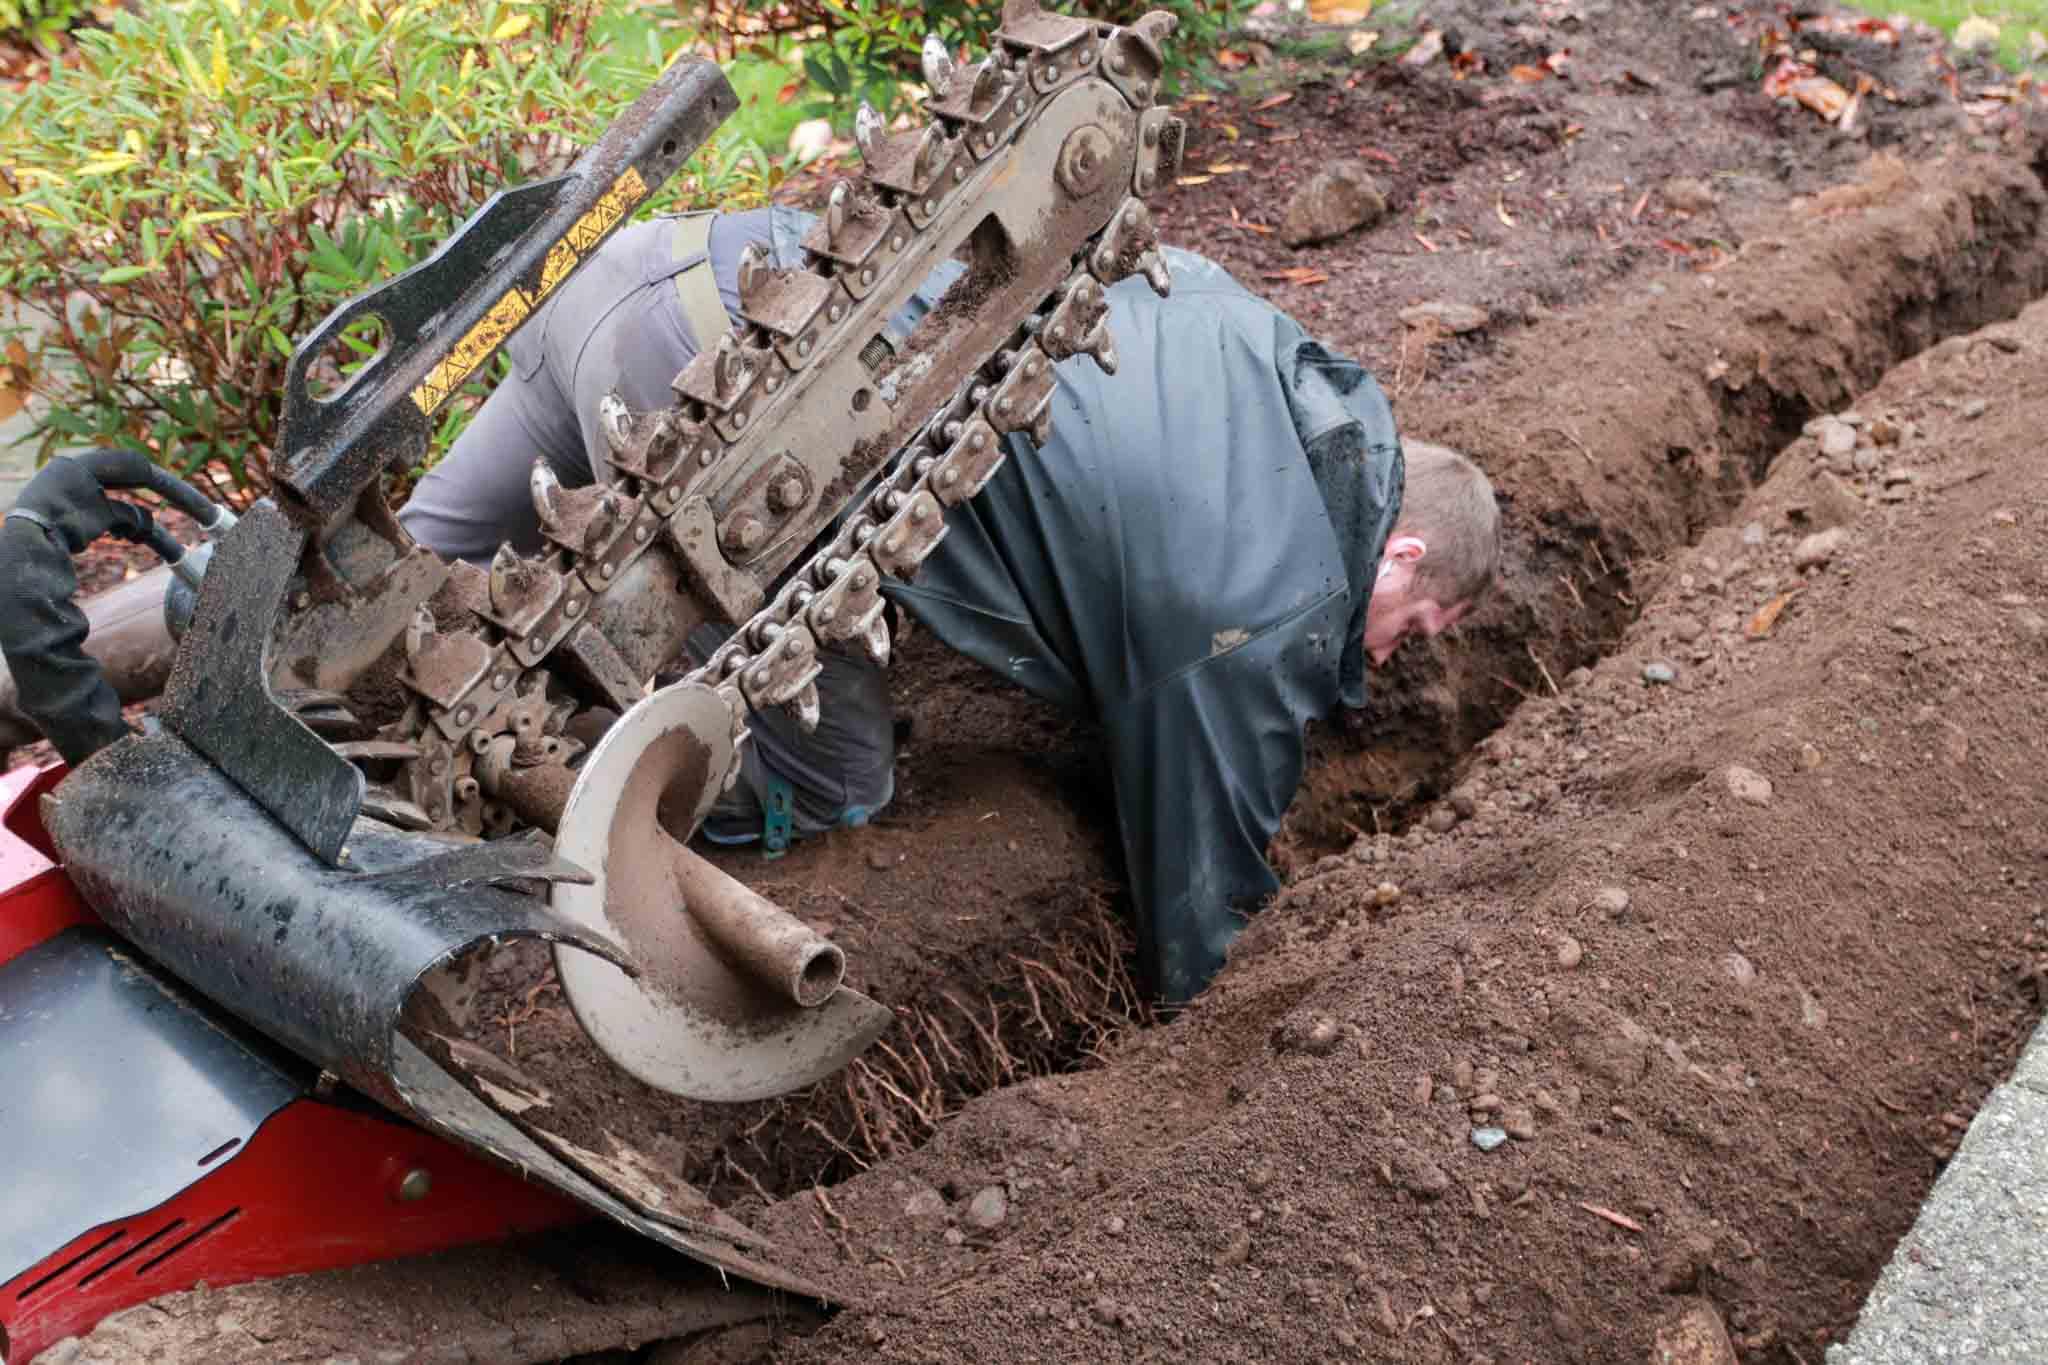 Anacortes Plumbing employee at work.